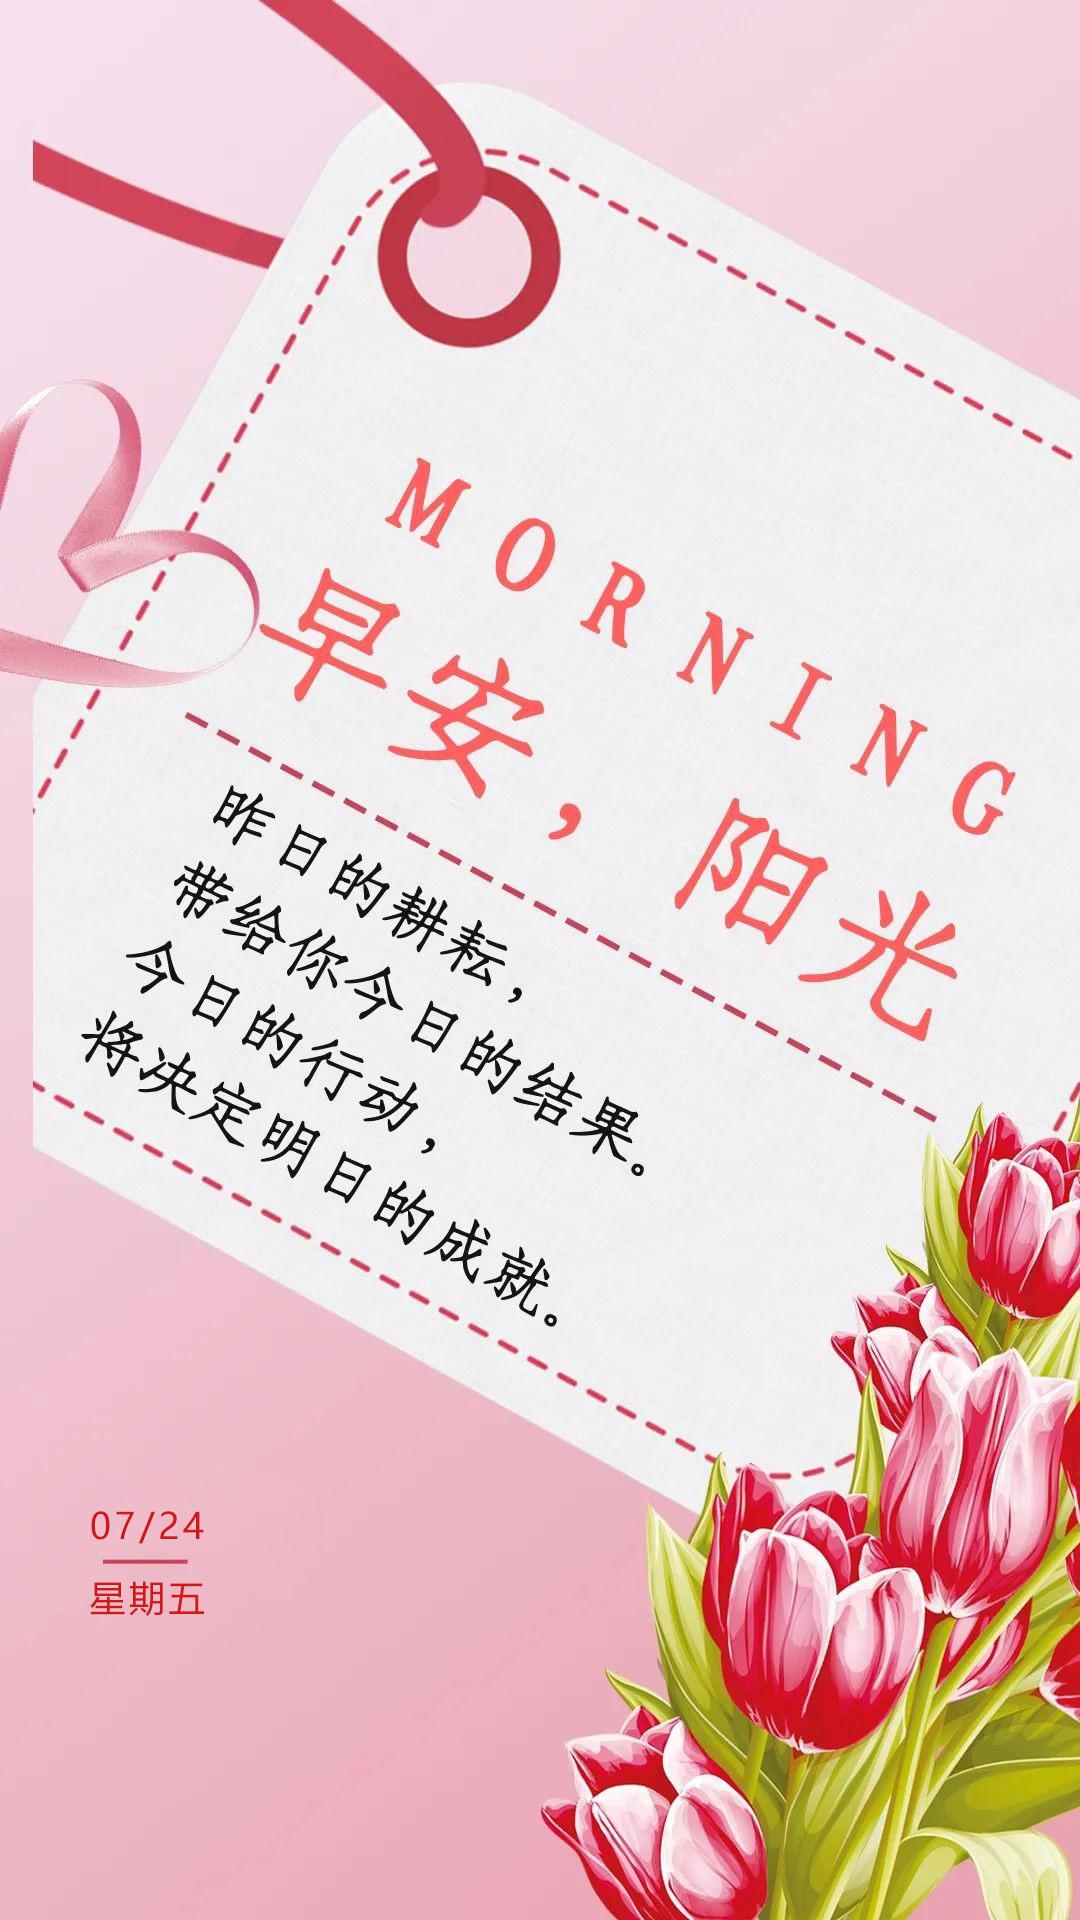 7月24日早安心语图片正能量:用心生活,用力向上